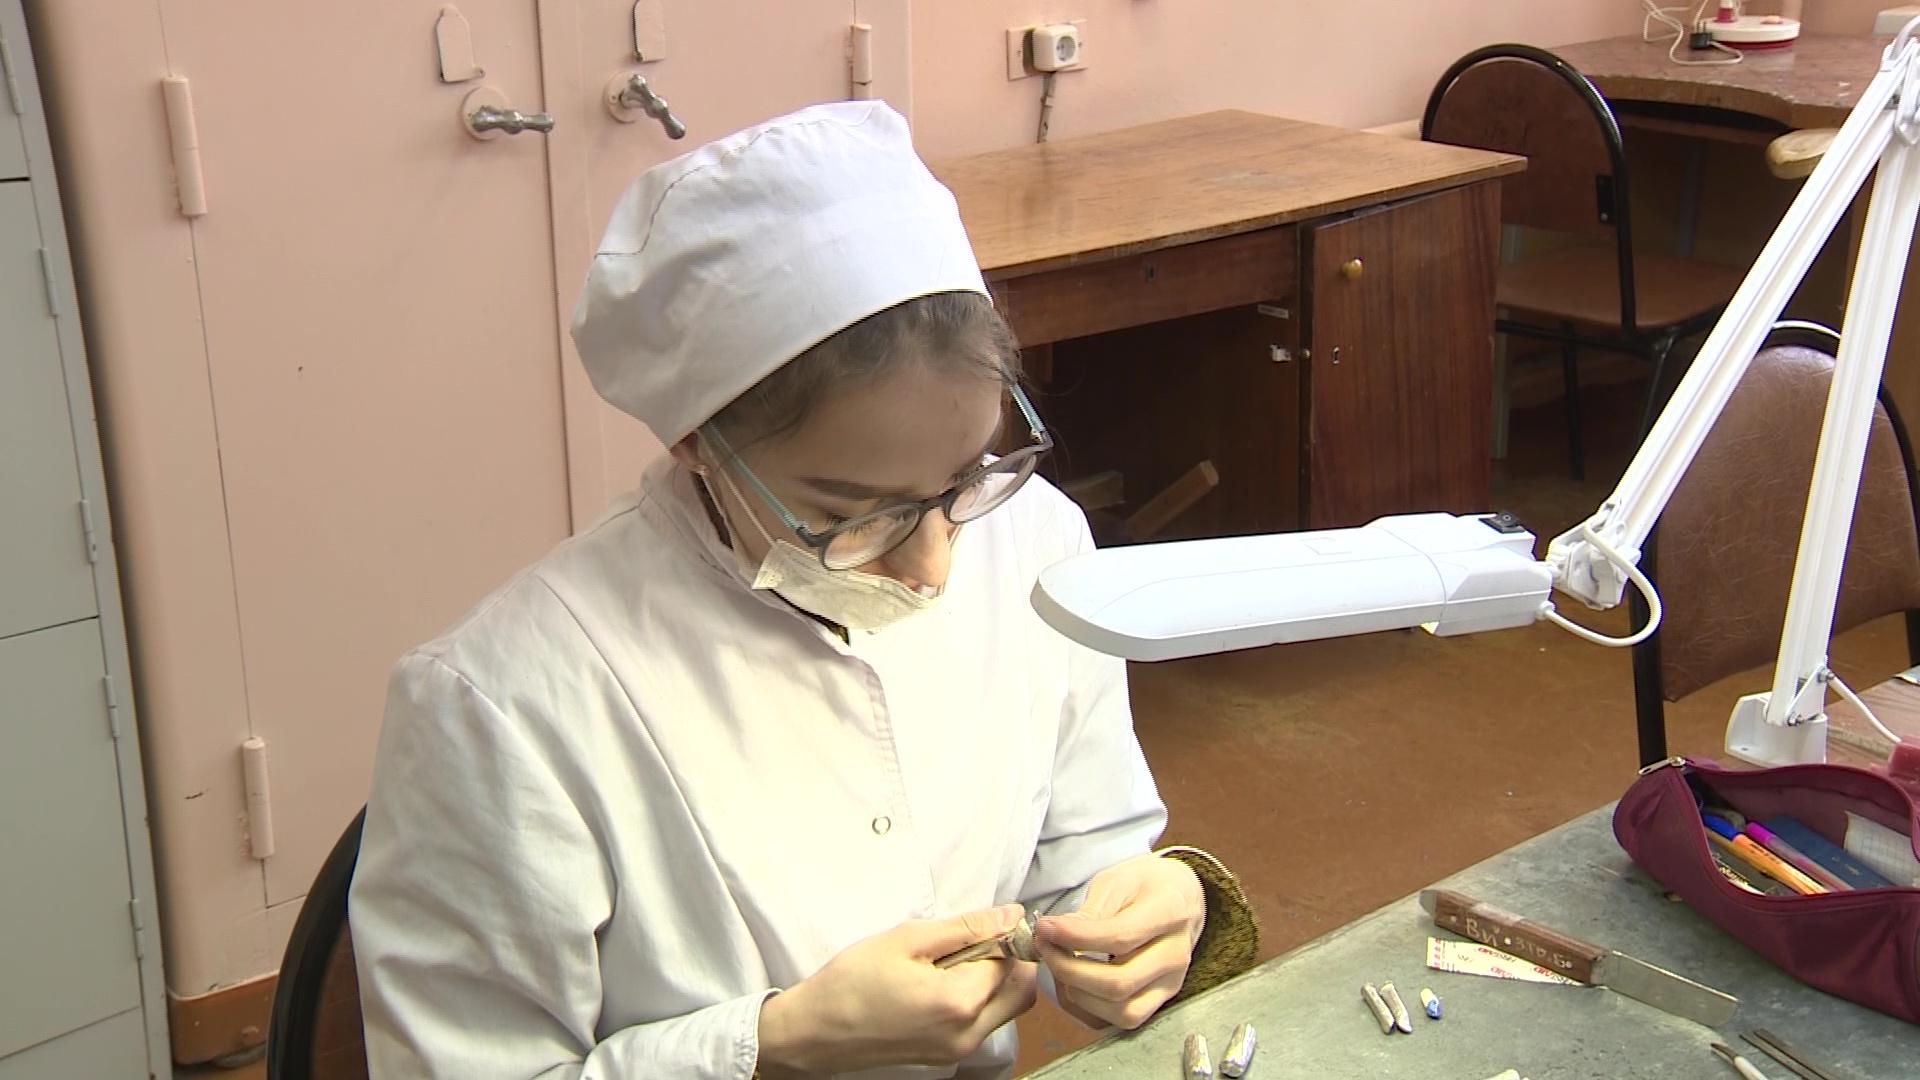 Ярославские школьники отправились в медколледж, чтобы решить, хотят ли они быть врачами